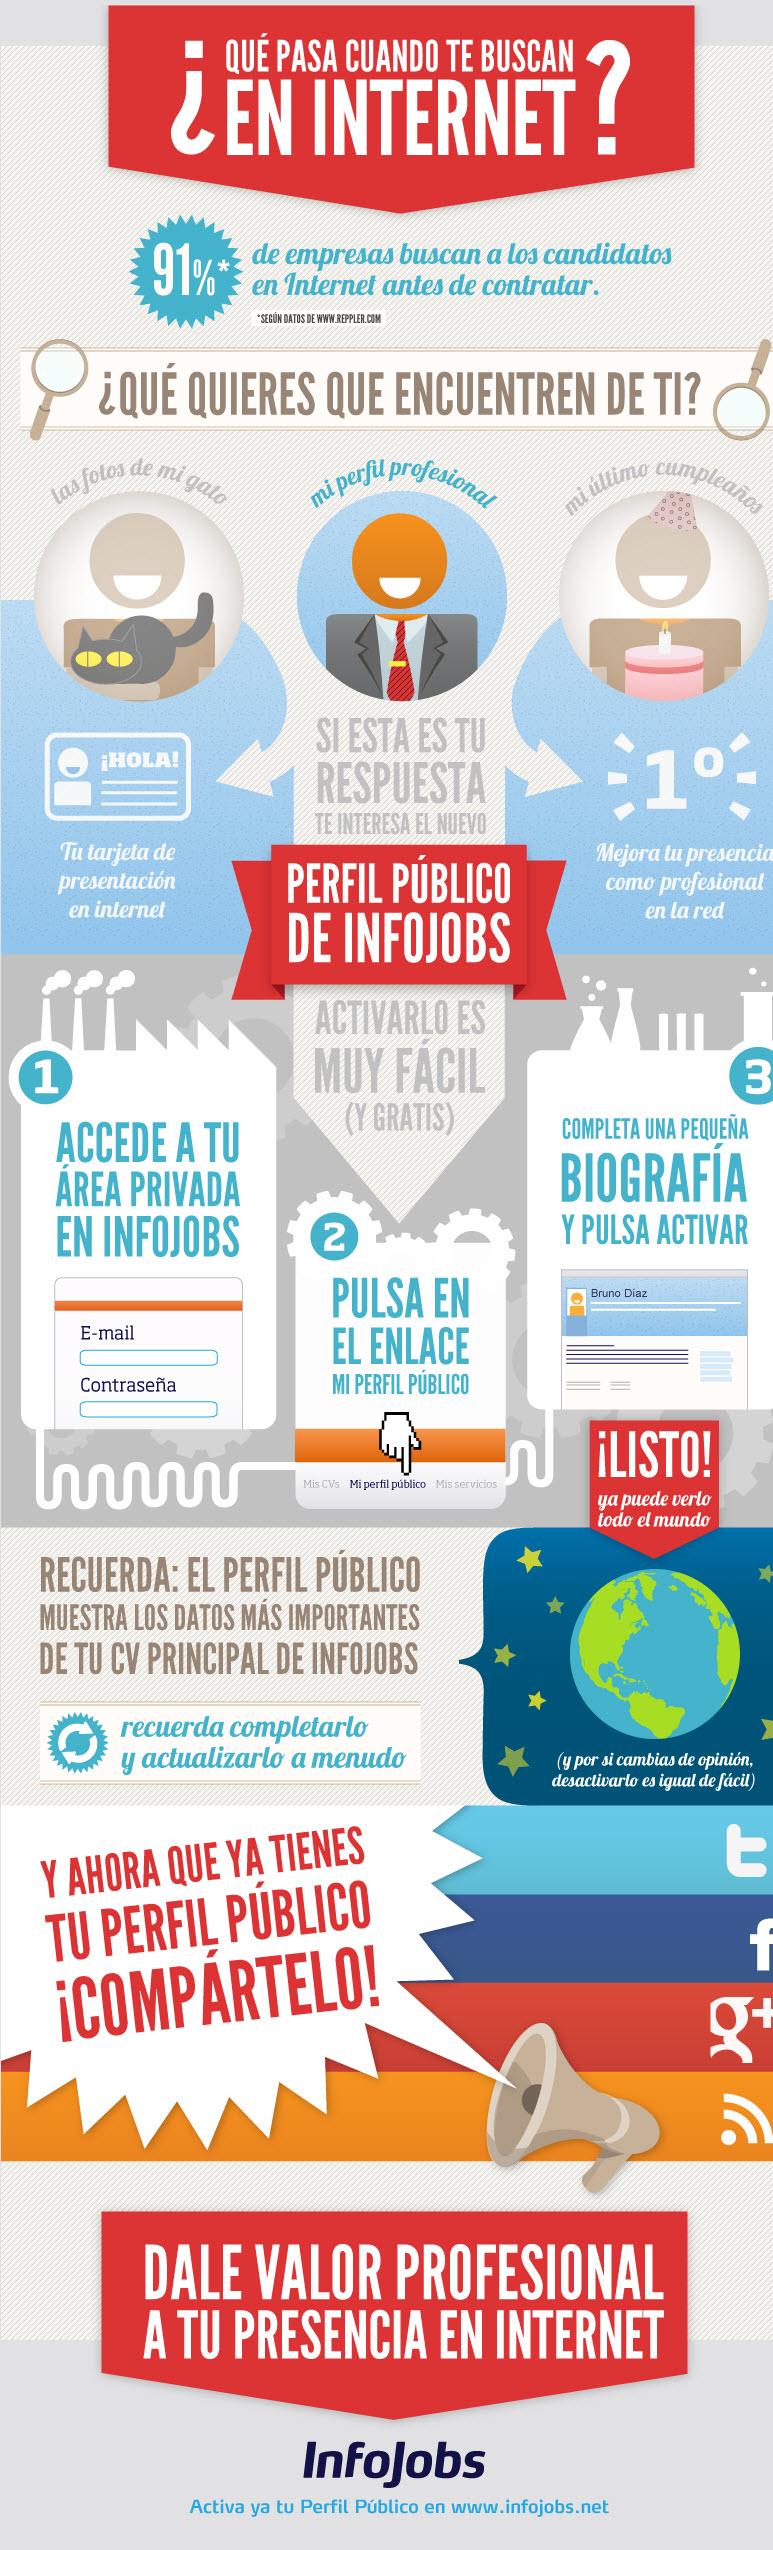 El perfil público en Infojobs